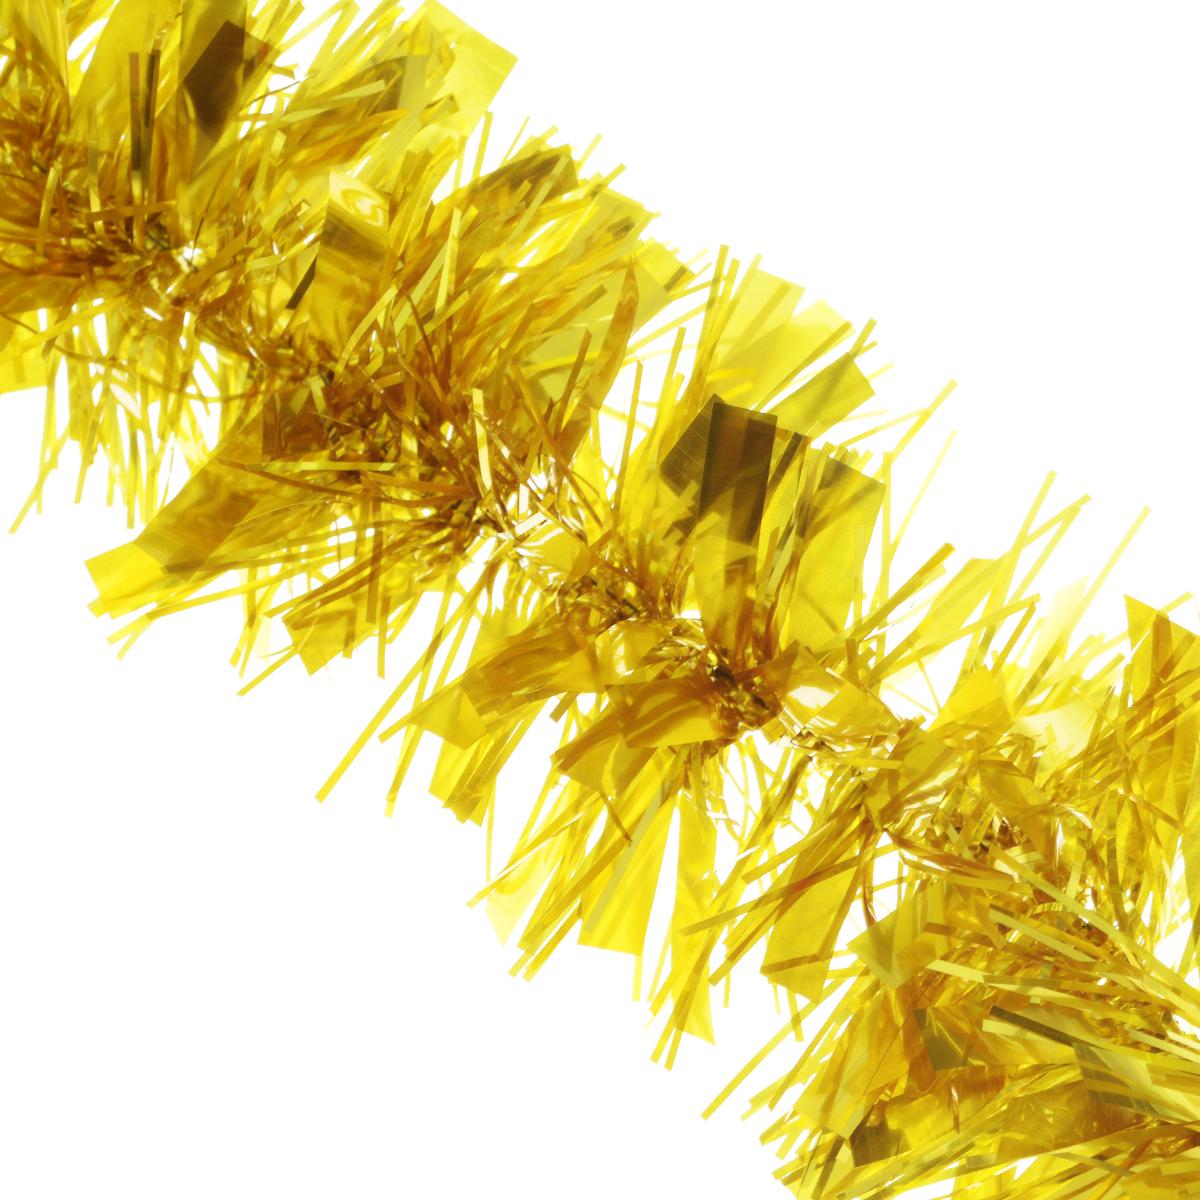 Мишура новогодняя Euro House, цвет: золотистый, диаметр 9 см, длина 200 смЕХ 7412Новогодняя мишура EuroHouse, выполненная из ПЭТ (полиэтилентерефталата), поможет вам украсить свой дом к предстоящим праздникам. А новогодняя елка с таким украшением станет еще наряднее. Мишура армирована, то есть имеет проволоку внутри и способна сохранять придаваемую ей форму. Новогодней мишурой можно украсить все, что угодно - елку, квартиру, дачу, офис - как внутри, так и снаружи. Можно сложить новогодние поздравления, буквы и цифры, мишурой можно украсить и дополнить гирлянды, выделить дверные колонны, оплести дверные проемы. Новогодняя мишура принесет в ваш дом ни с чем не сравнимое ощущение праздника! Создайте в своем доме атмосферу тепла, веселья и радости, украшая его всей семьей.